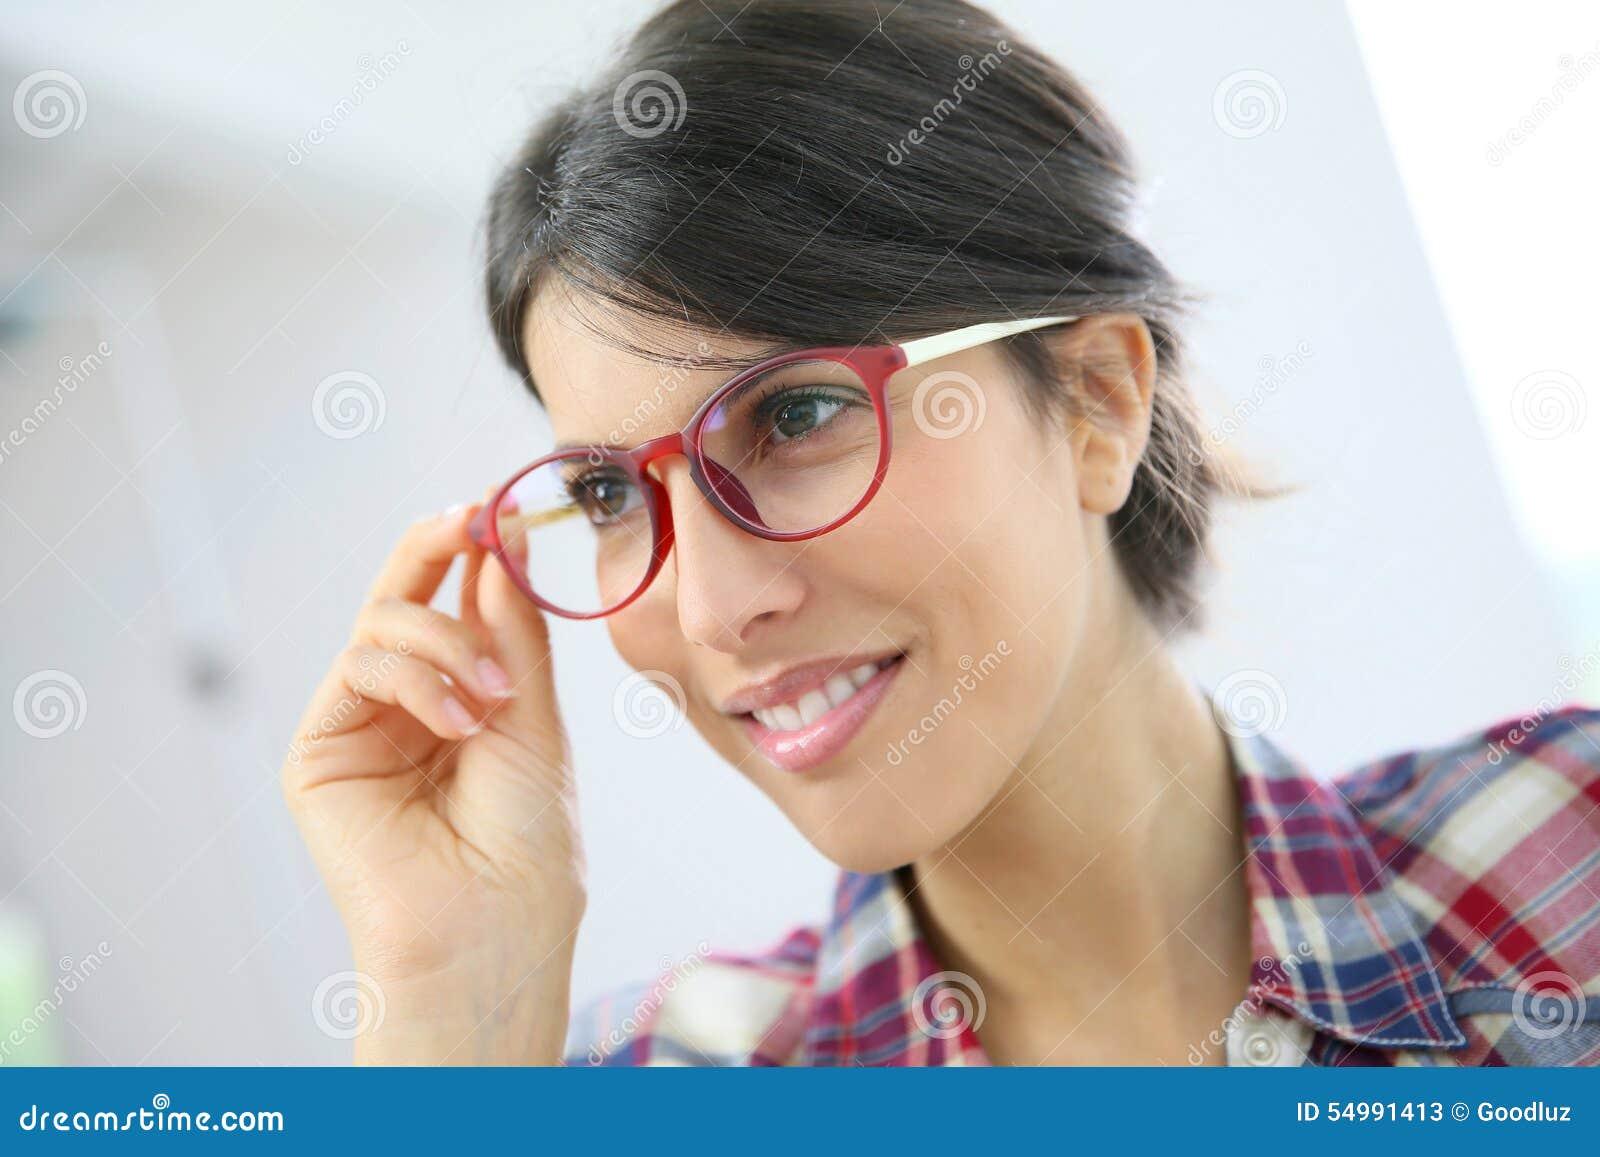 Portret van jonge vrouw met rode oogglazen